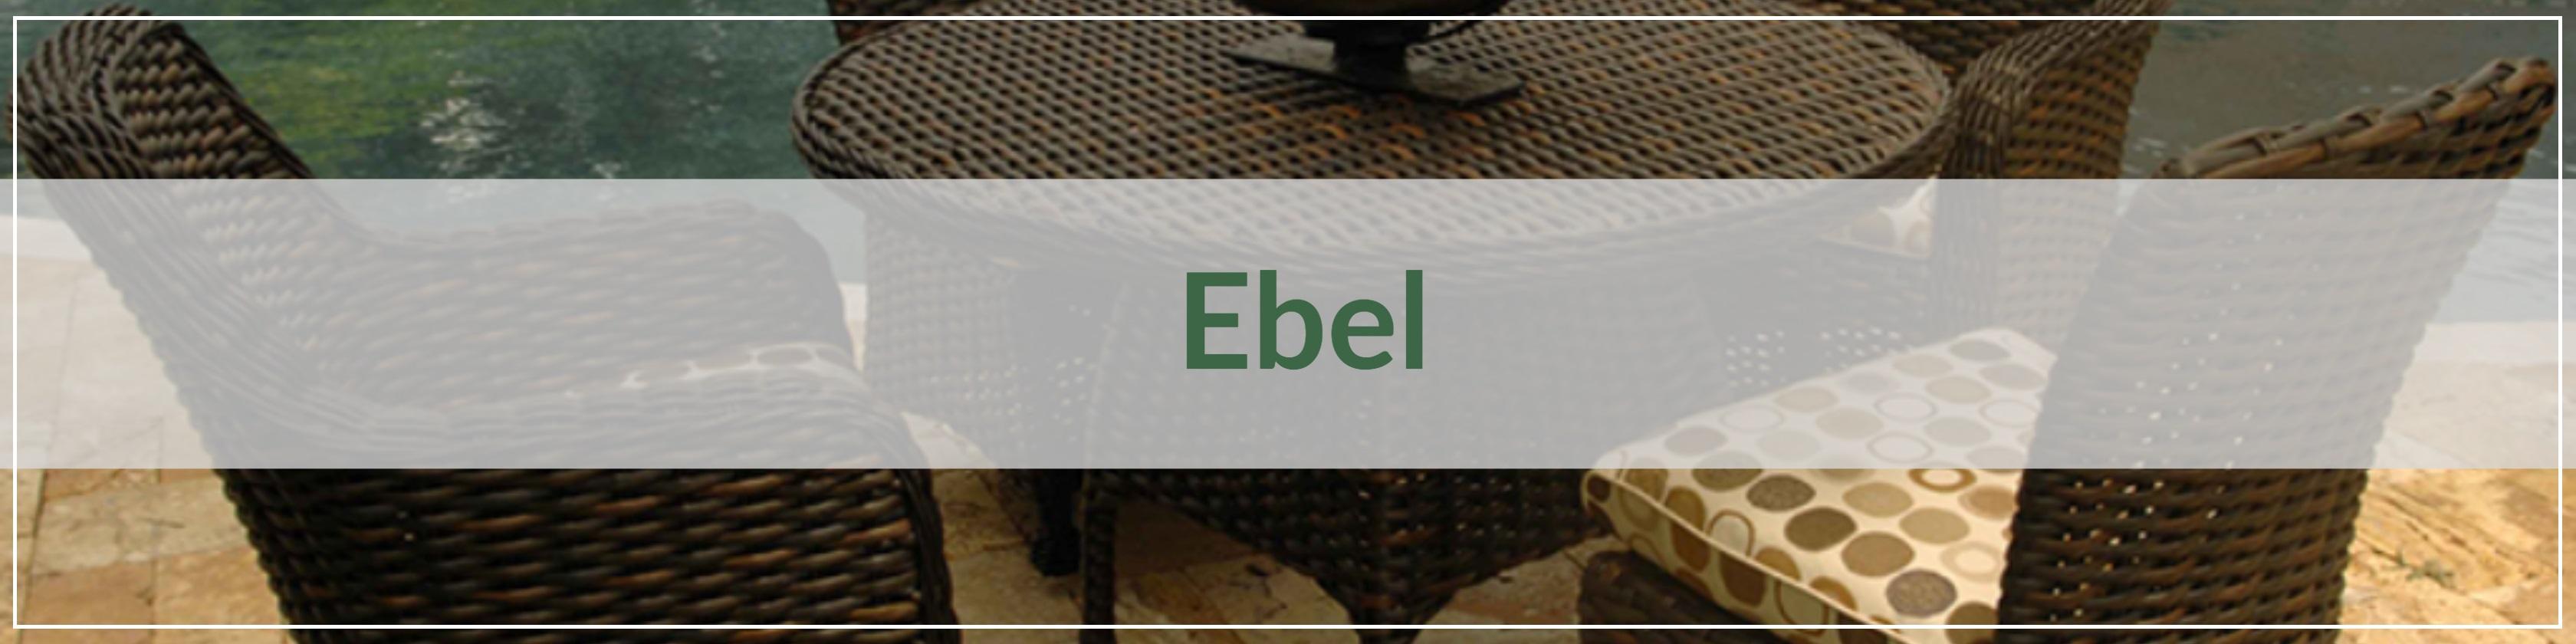 Ebel Resin Wicker Outdoor Dining